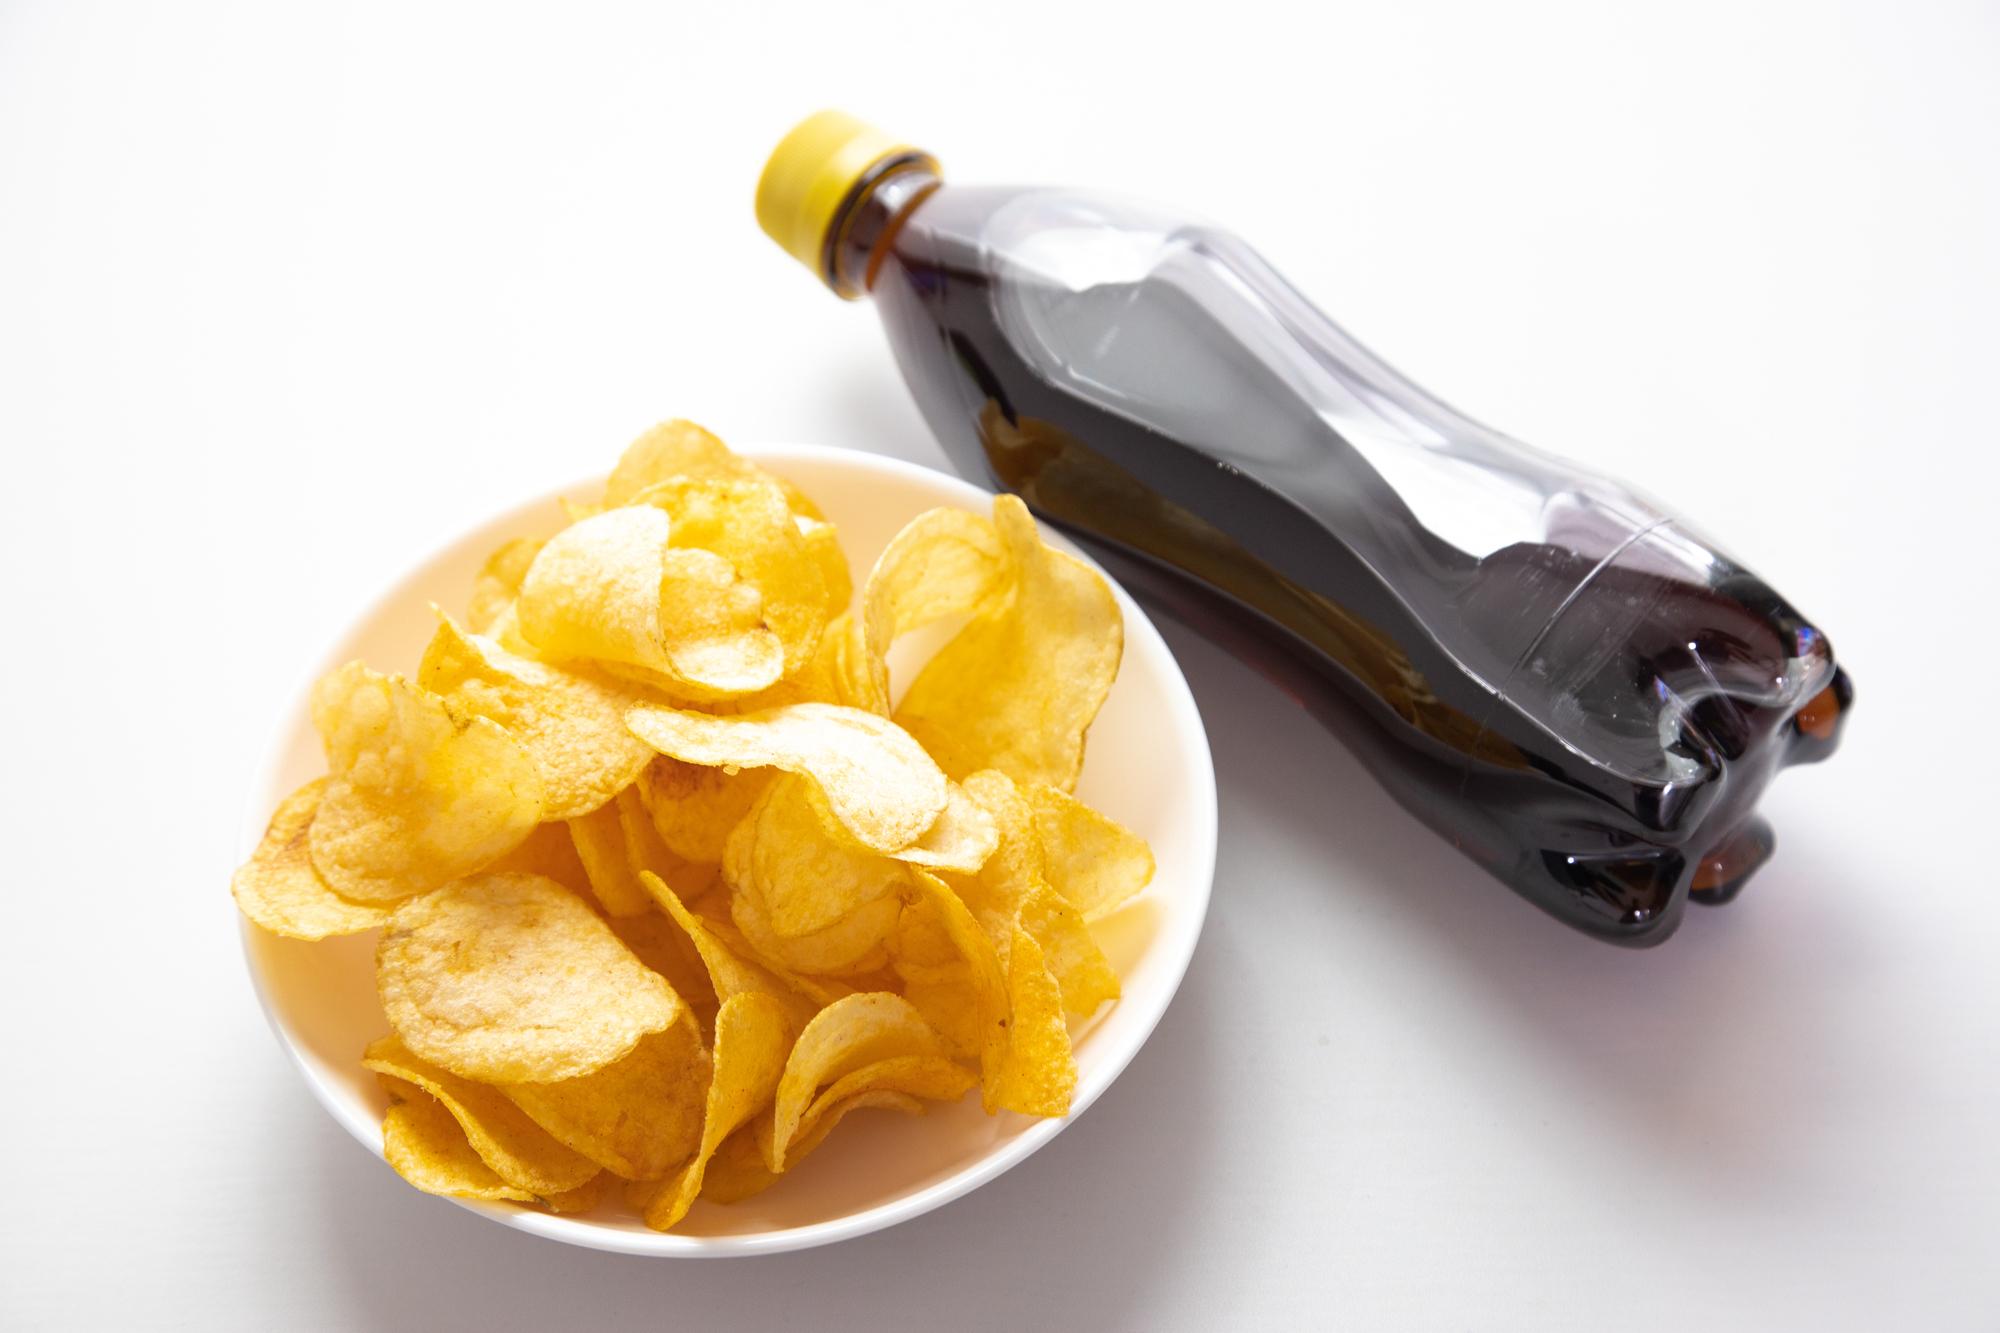 肥満を防止する「ソーダ税」「ポテトチップス税」「脂肪税」